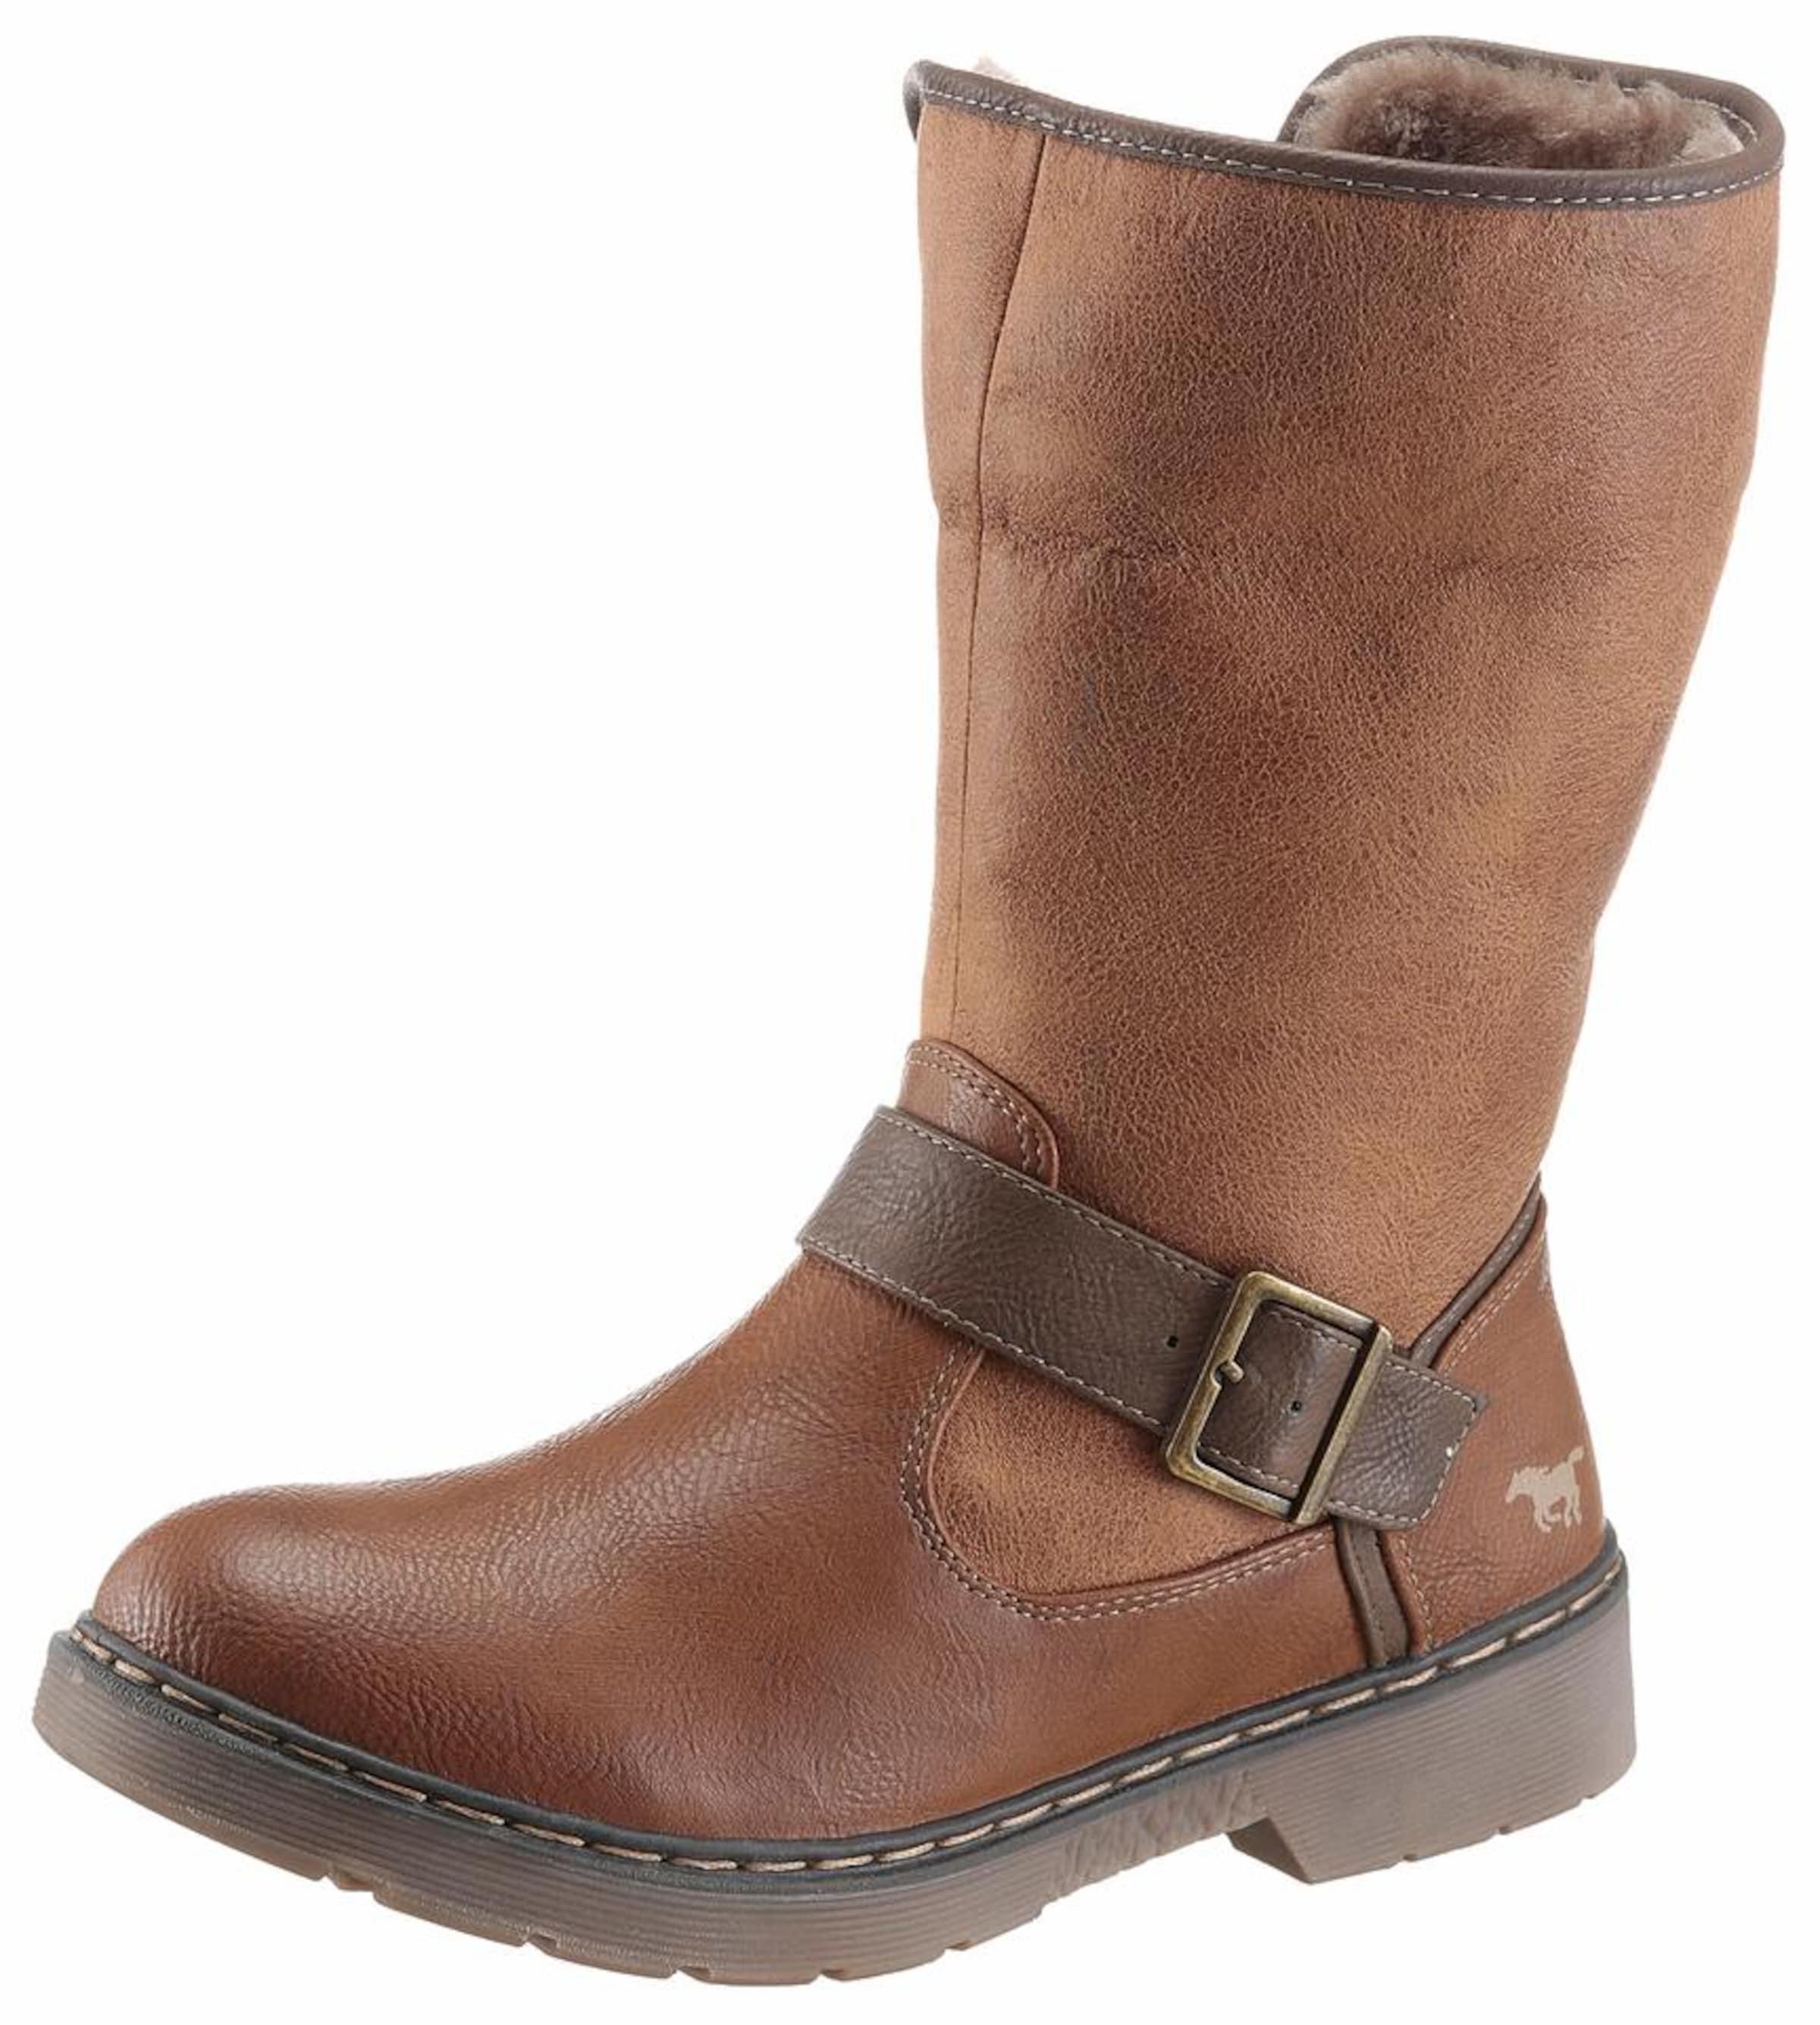 MUSTANG Shoes Winterstiefelette Heißen Verkauf Zum Verkauf Authentischer Online-Verkauf Spielraum Shop Günstig Online Sammlungen Zum Verkauf 1ymNYsH